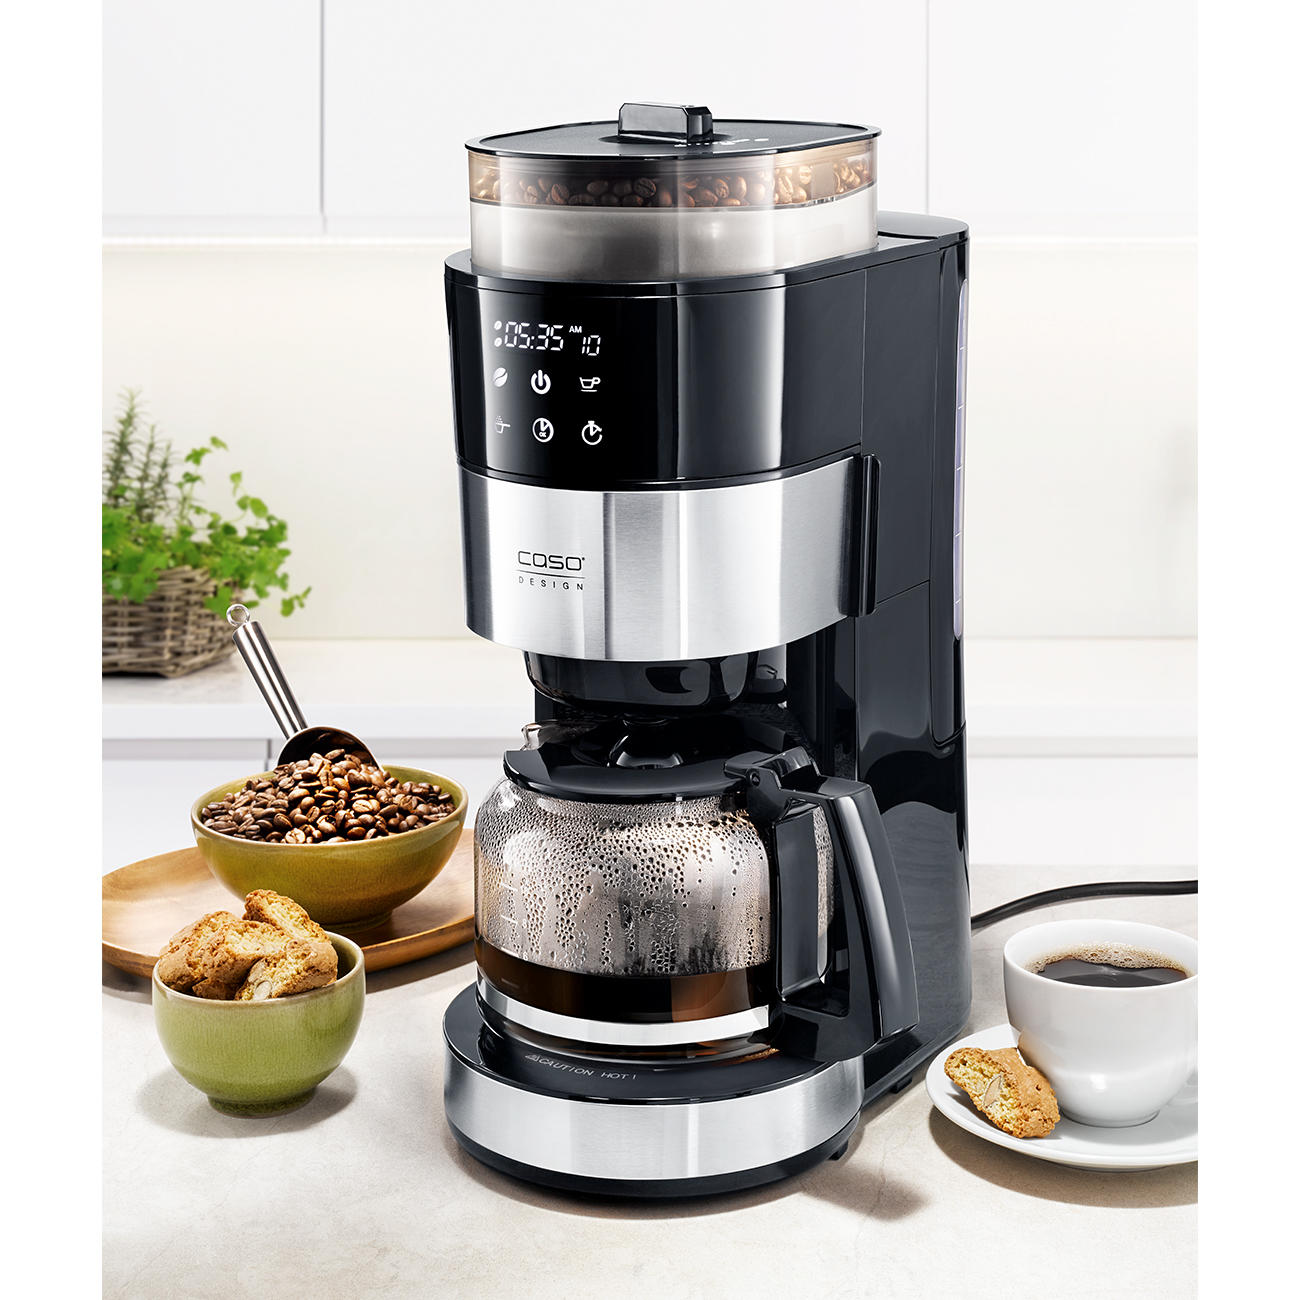 Machine à café filtre Caso avec broyeur online kaufen